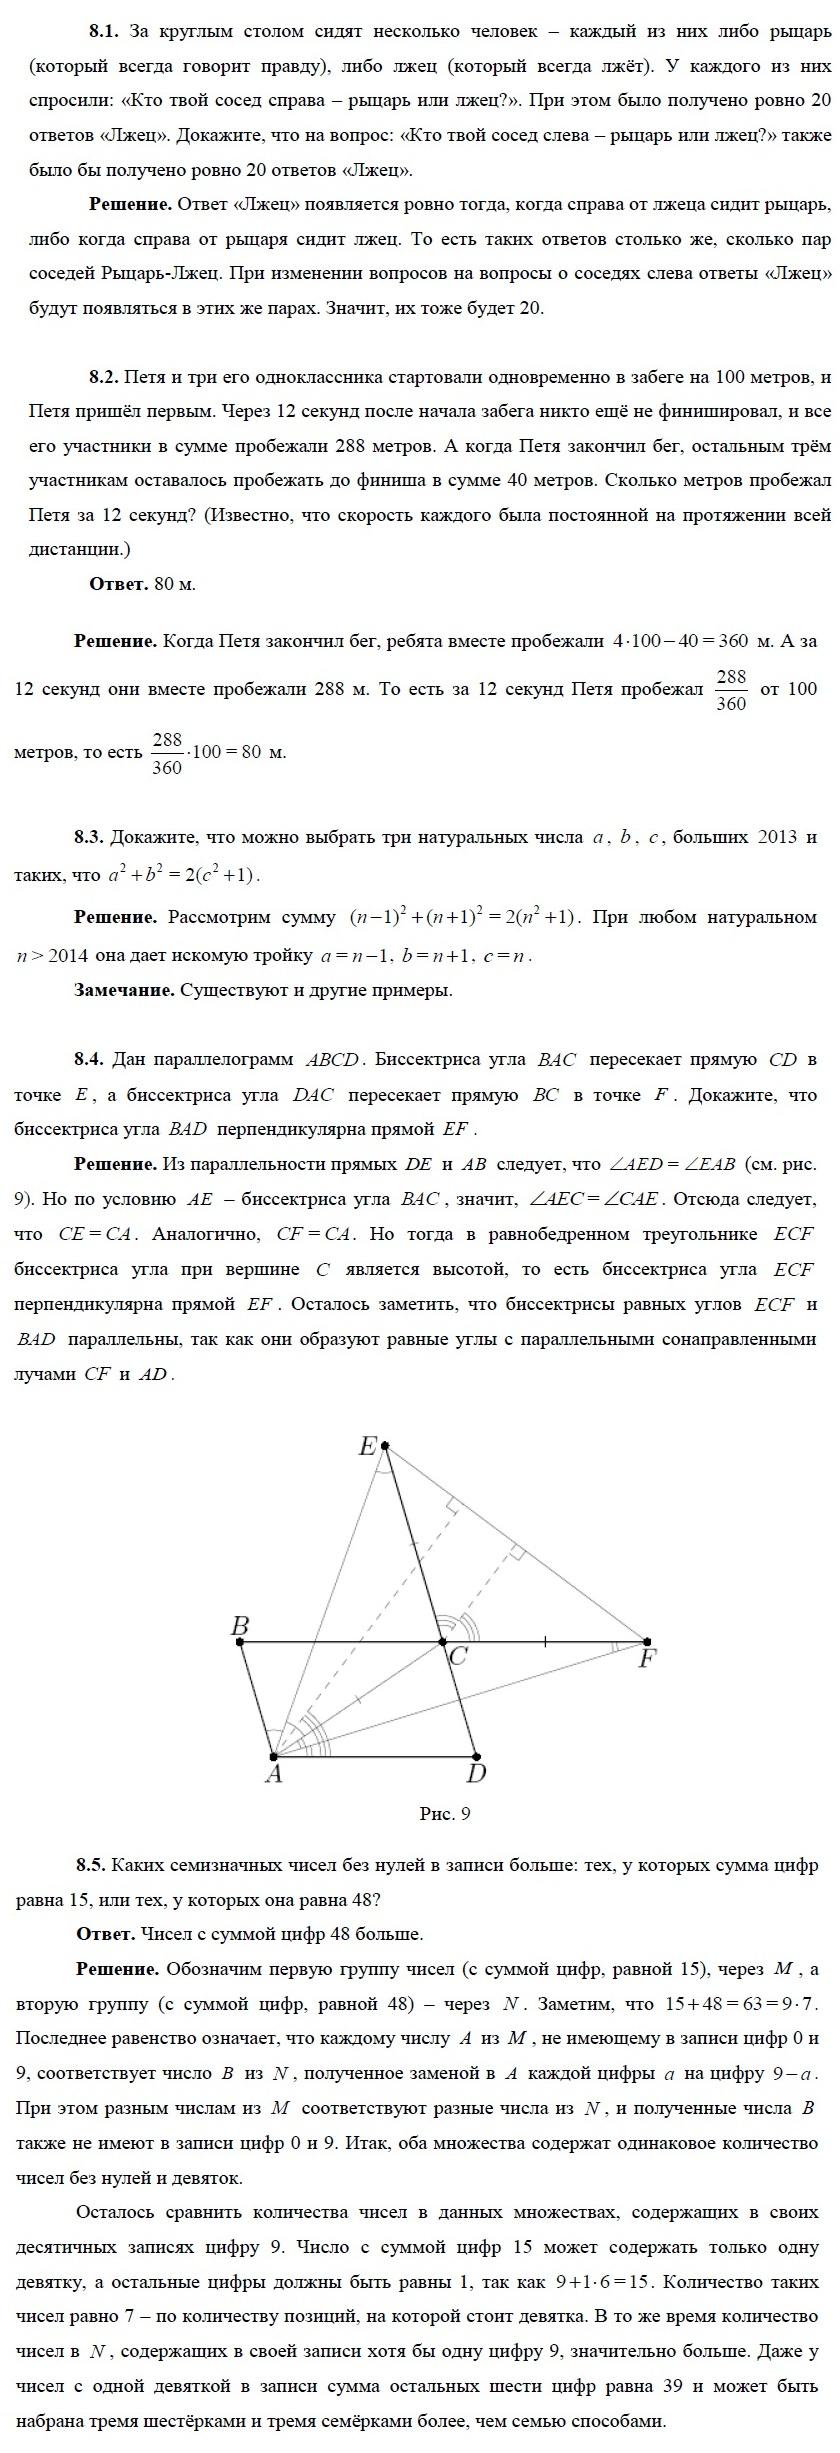 задачи математических олимпиад с решениями 9 класс изменить шрифт